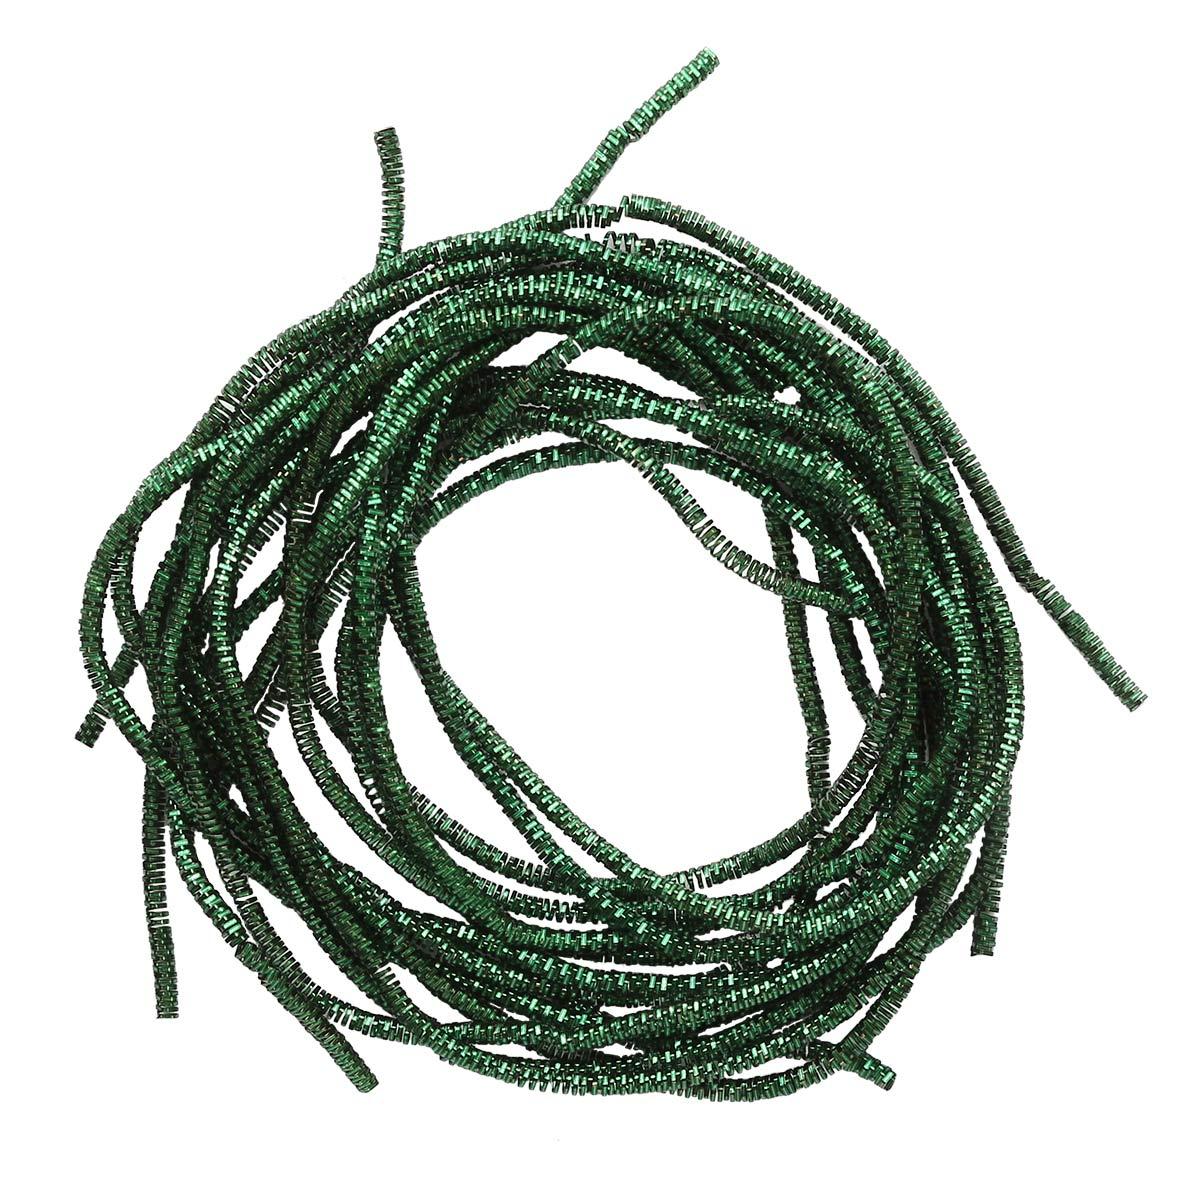 ТК021НН1 Трунцал медный,т.зеленый 1,5 мм, 5 гр/упак Астра